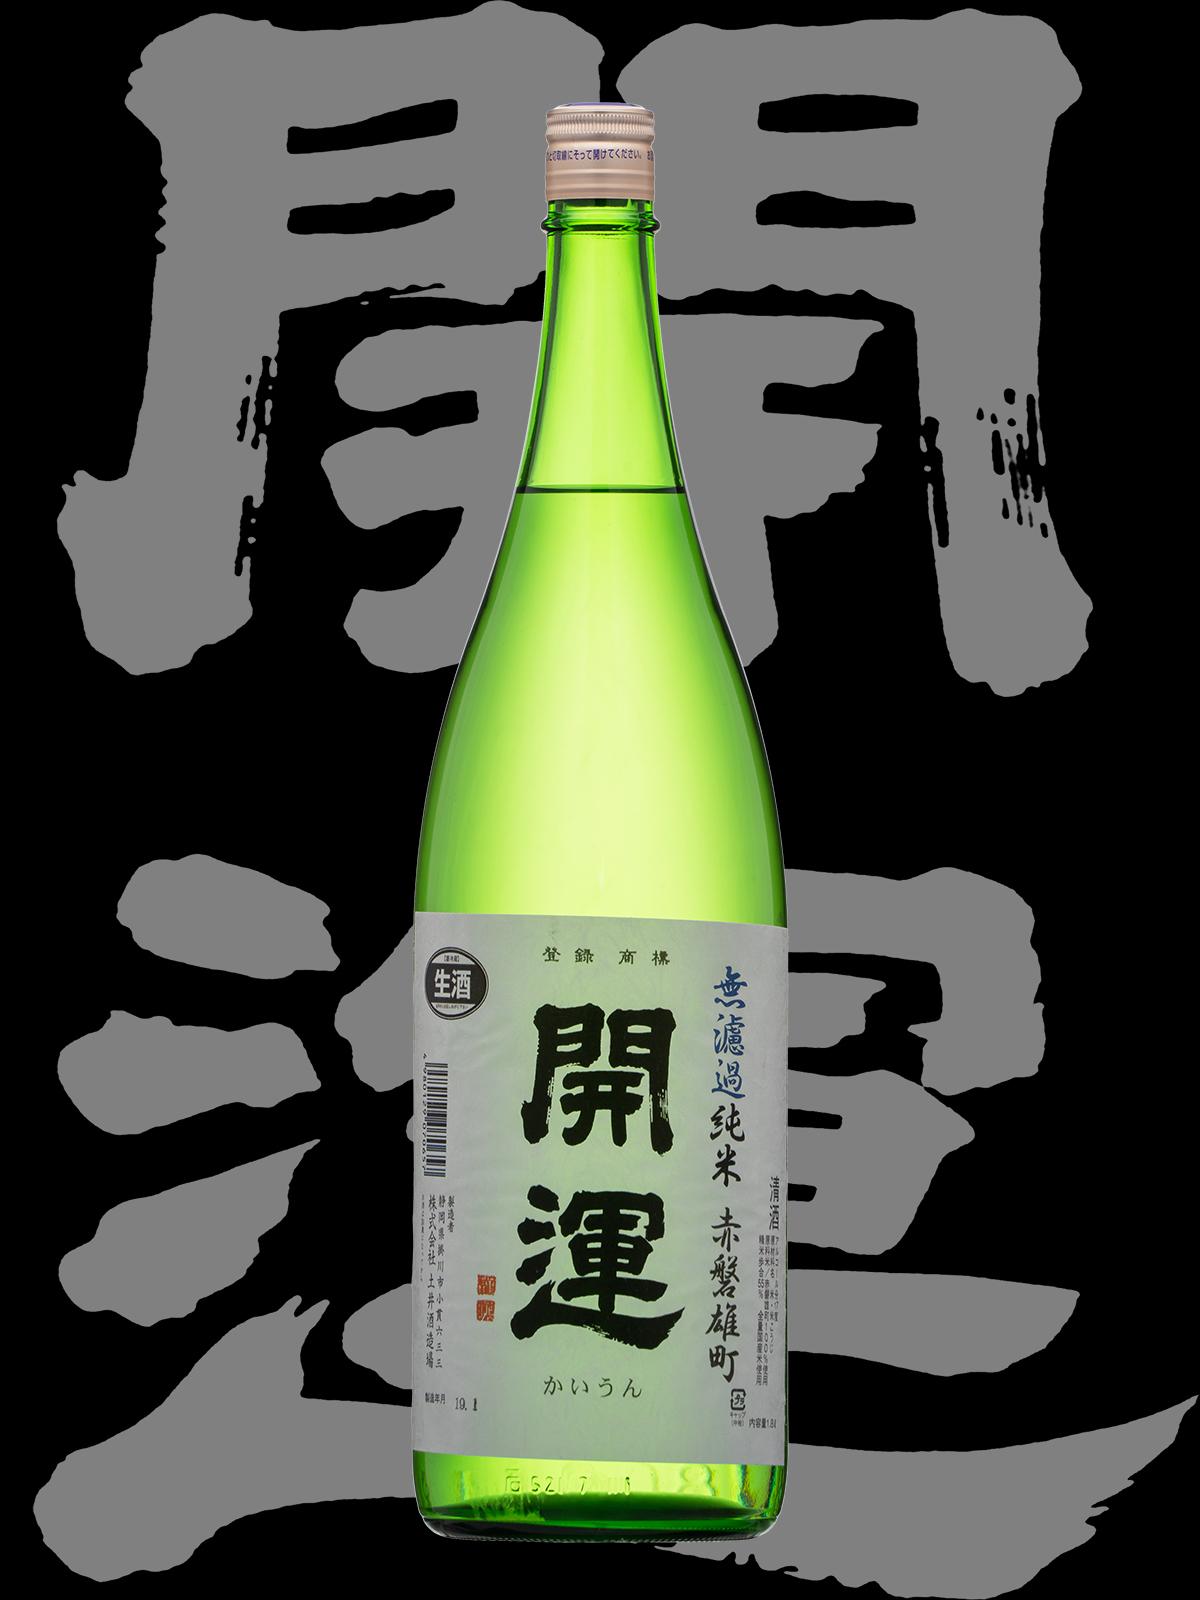 開運(かいうん)「純米」赤磐雄町無濾過生酒